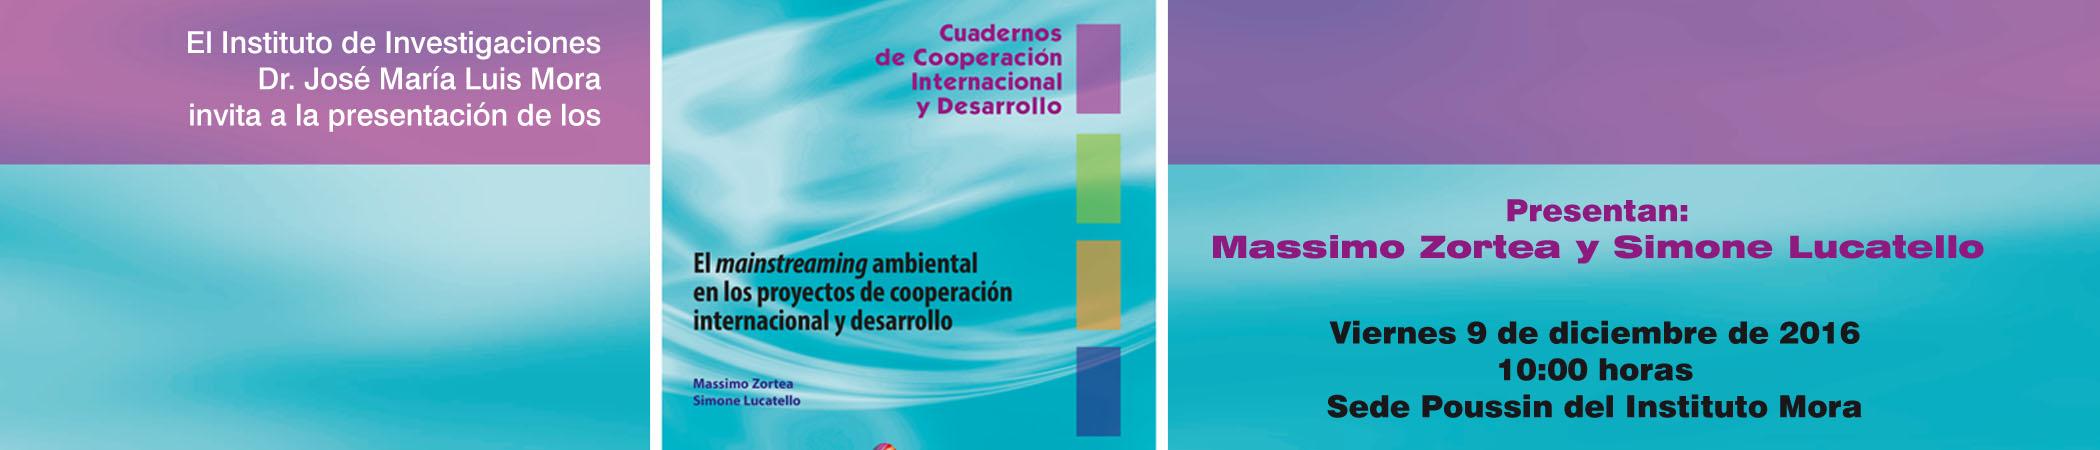 Presentación del libro El mainstreaming ambiental en los proyectos de cooperación internacional y desarrollo